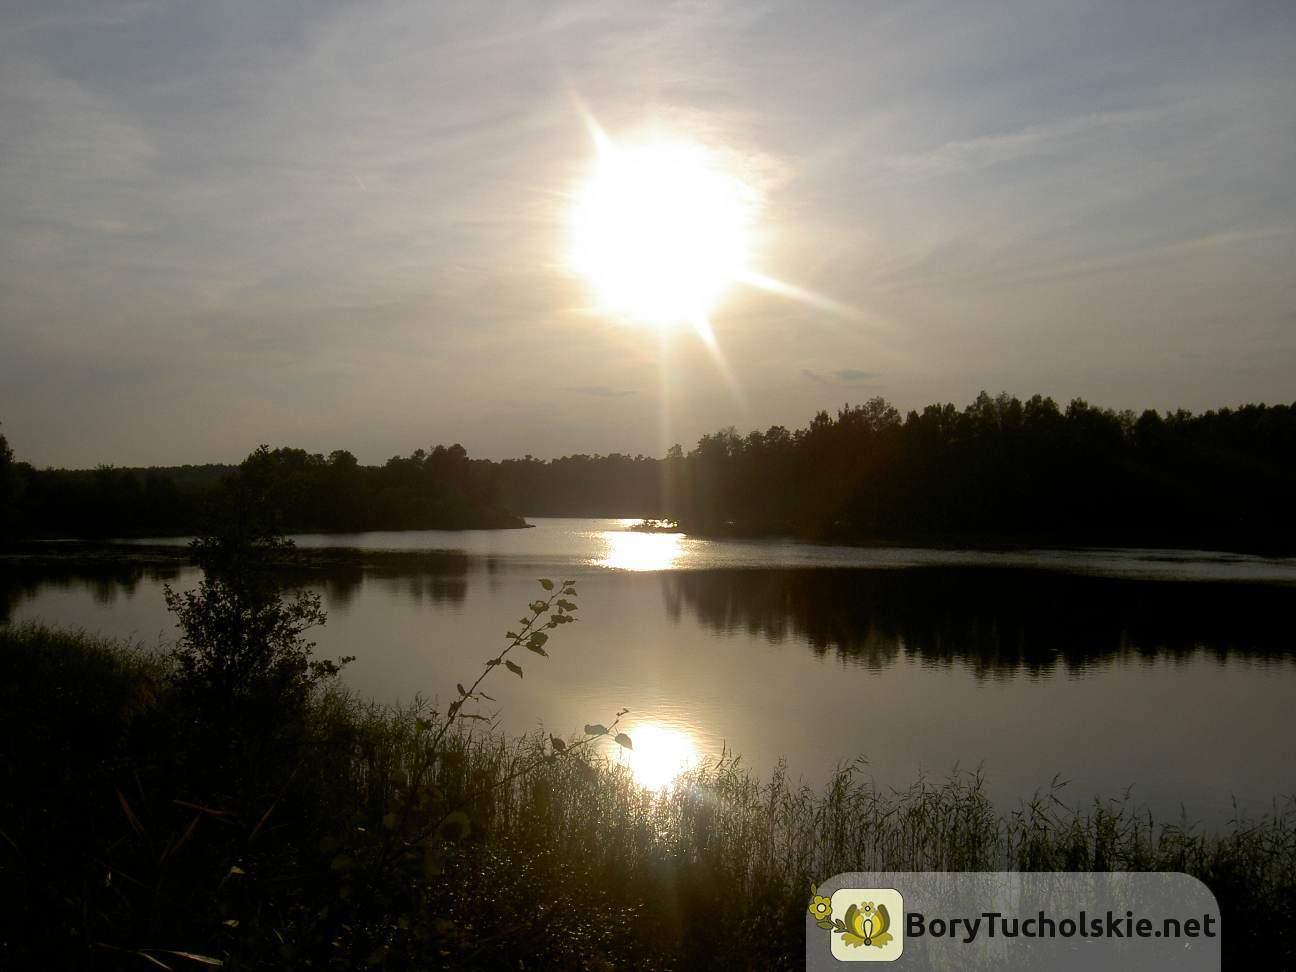 Zachód słońca w Borach Tucholskich